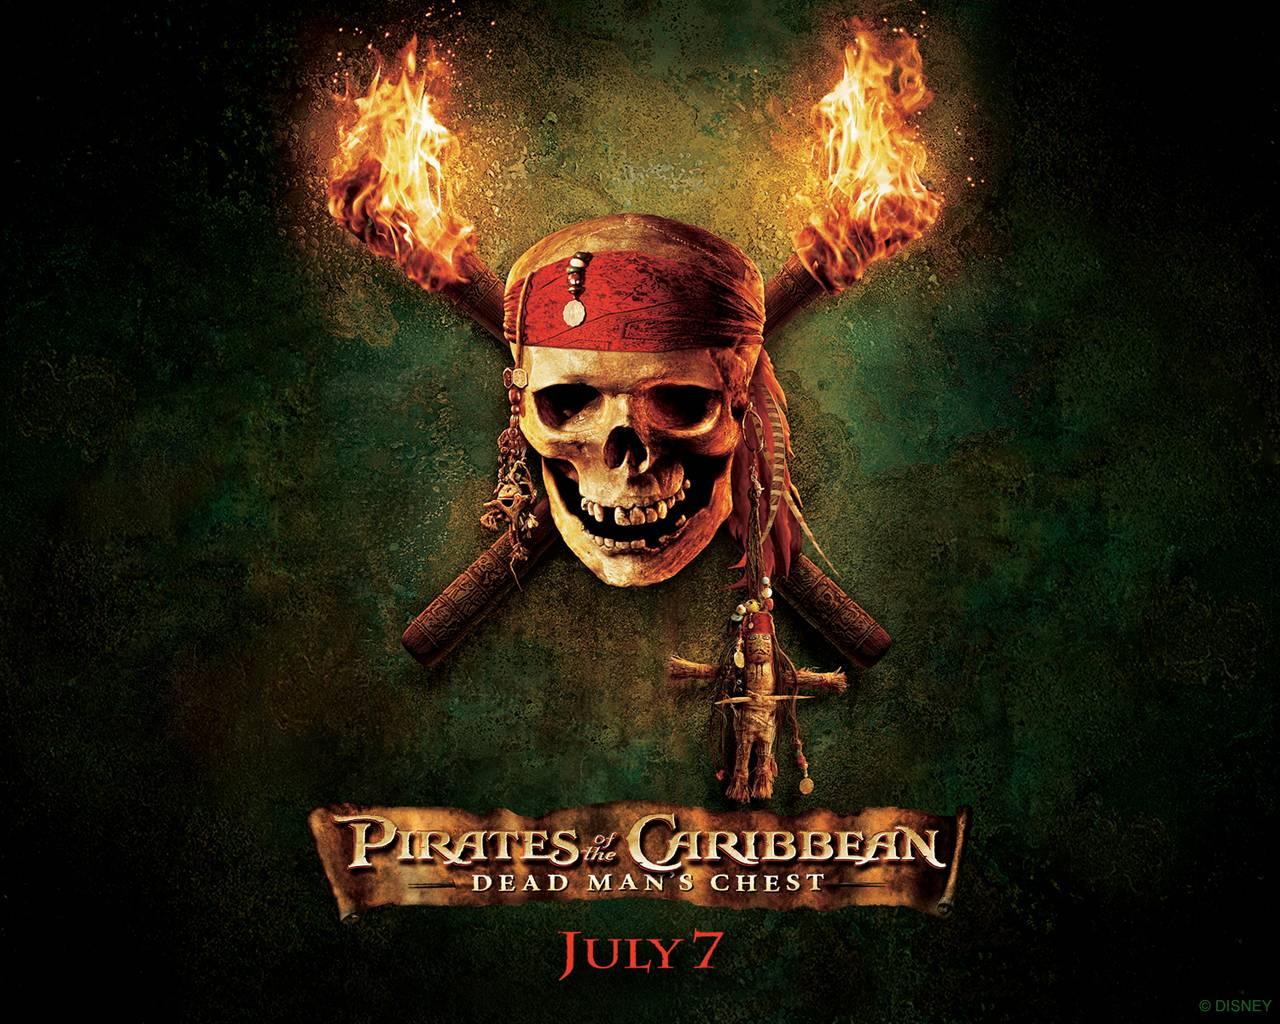 http://1.bp.blogspot.com/_e08tXXFmPM8/TSStjAIpkAI/AAAAAAAAARo/Ay4IQV8anAE/s1600/2006_pirates_of_the_carribean_wallpaper_001.jpg